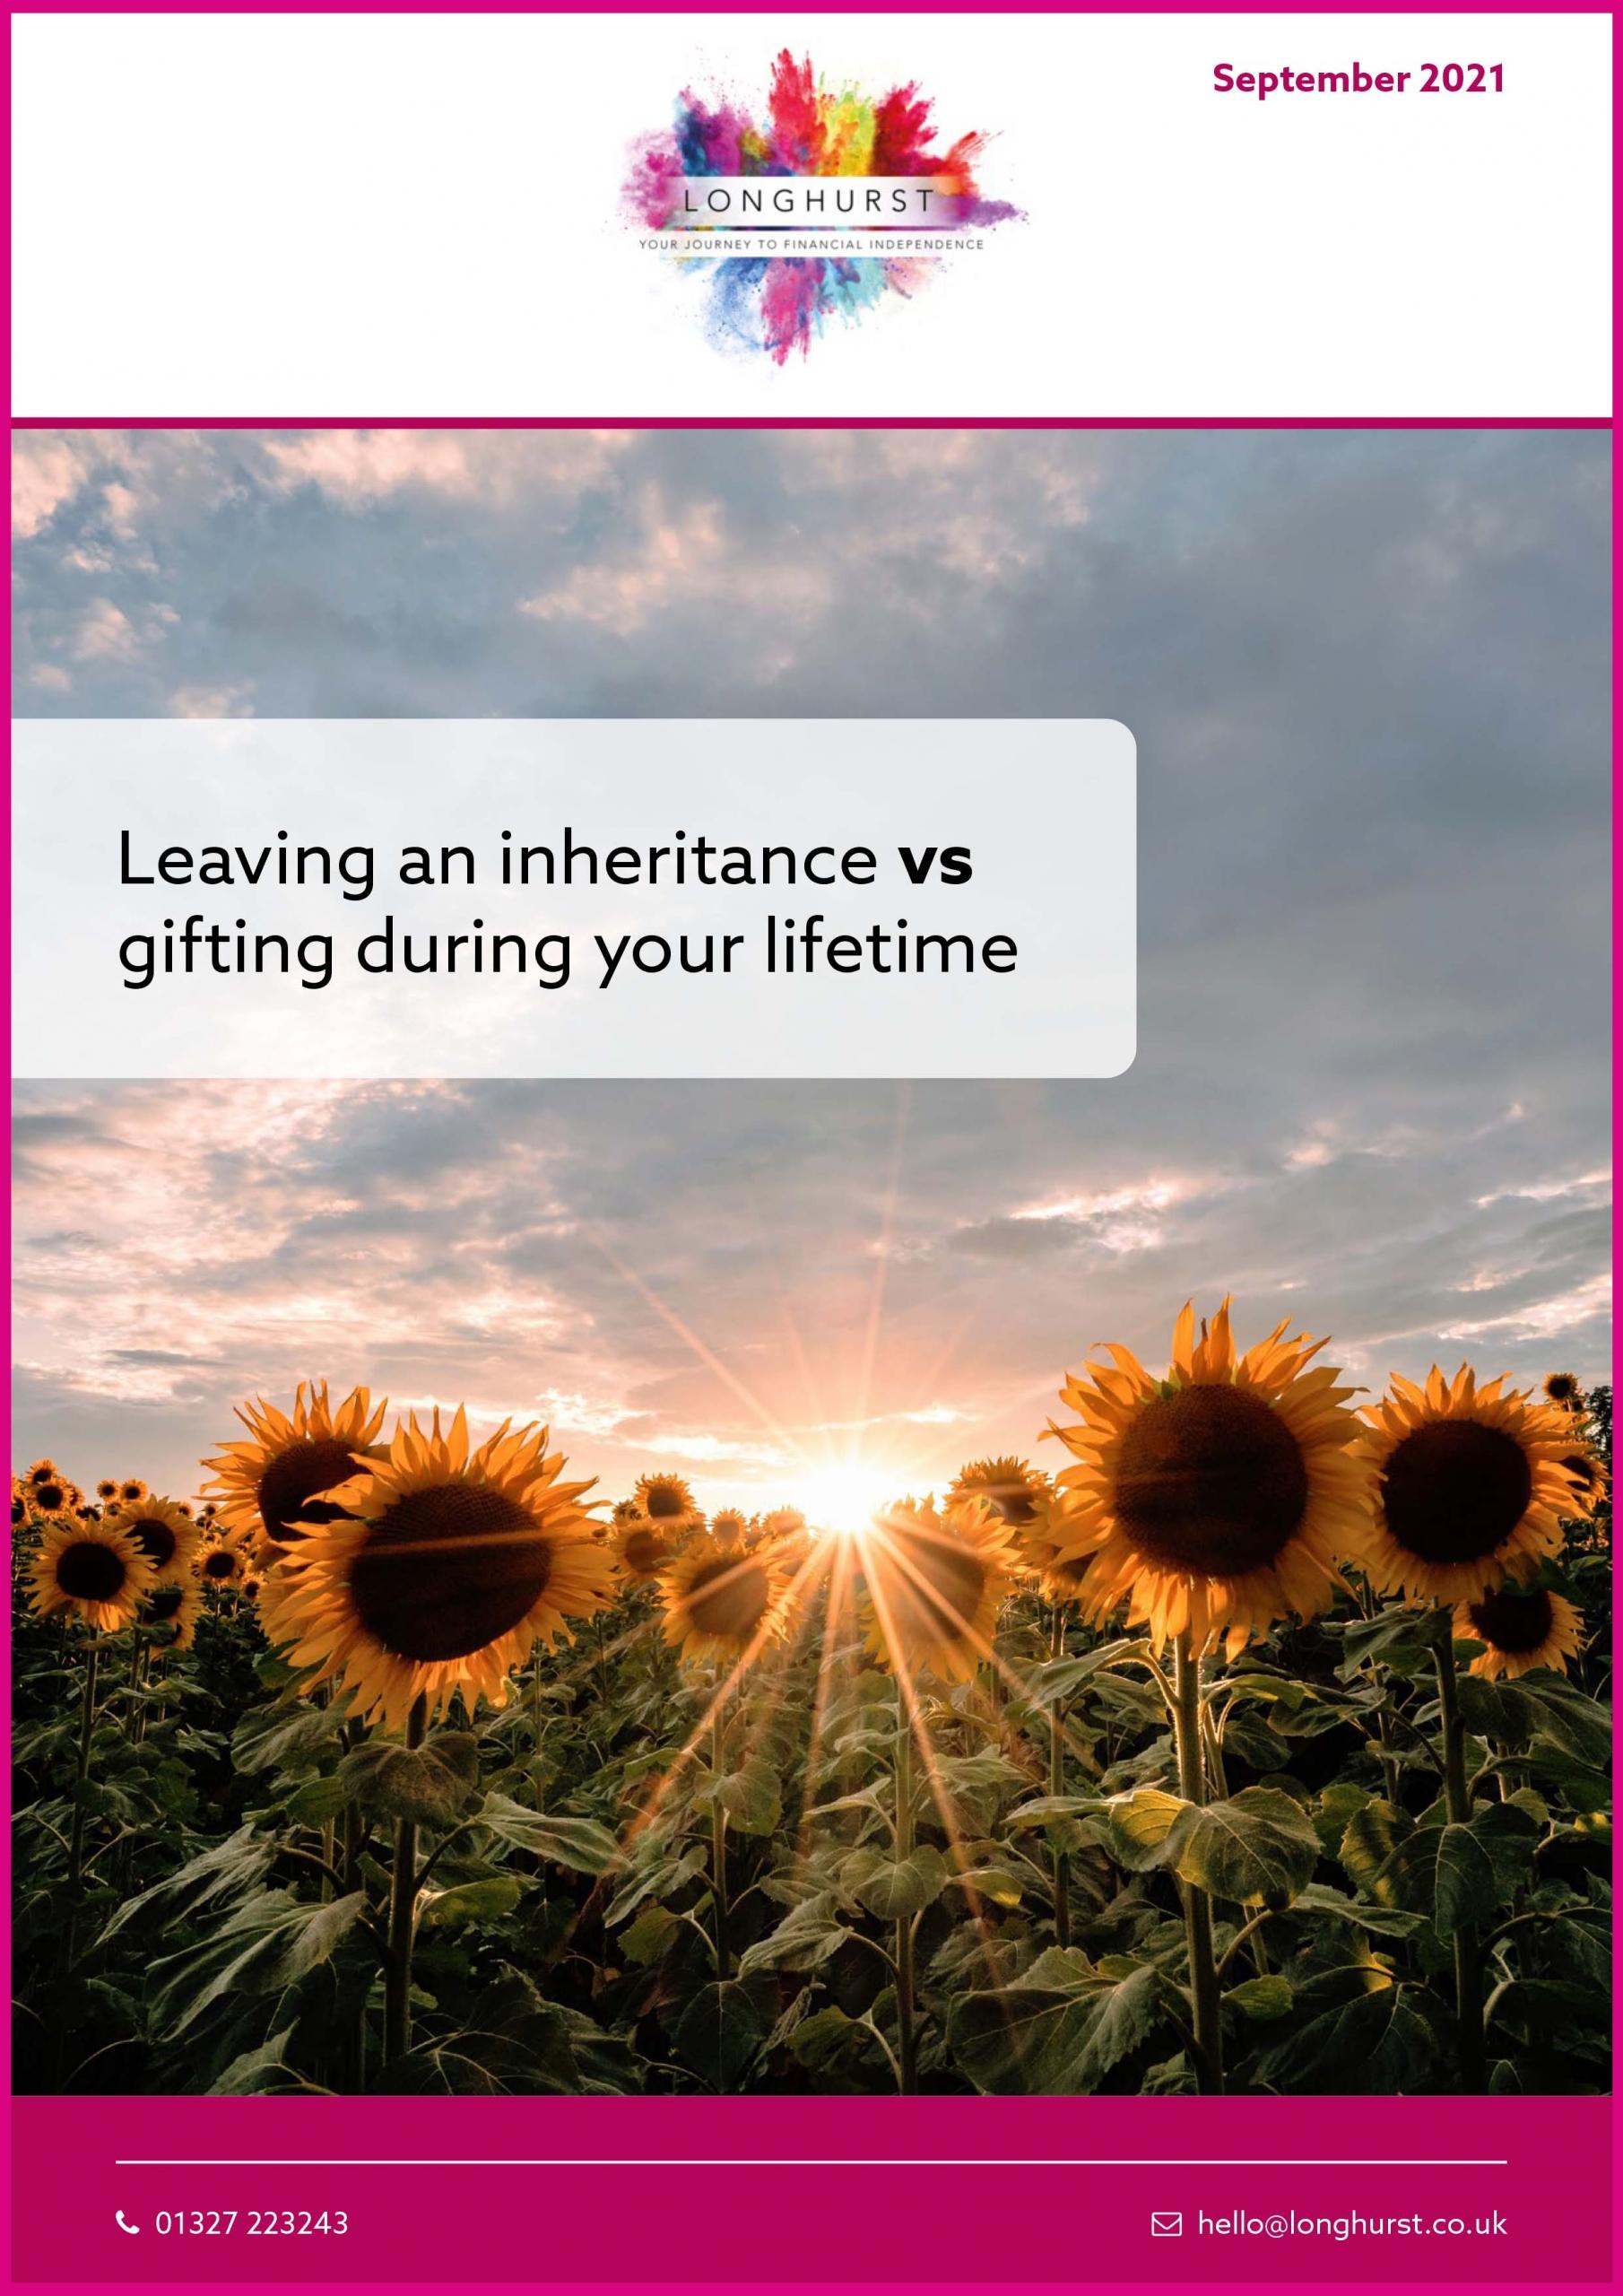 Longhurst Guide - Inheritance vs Gifting